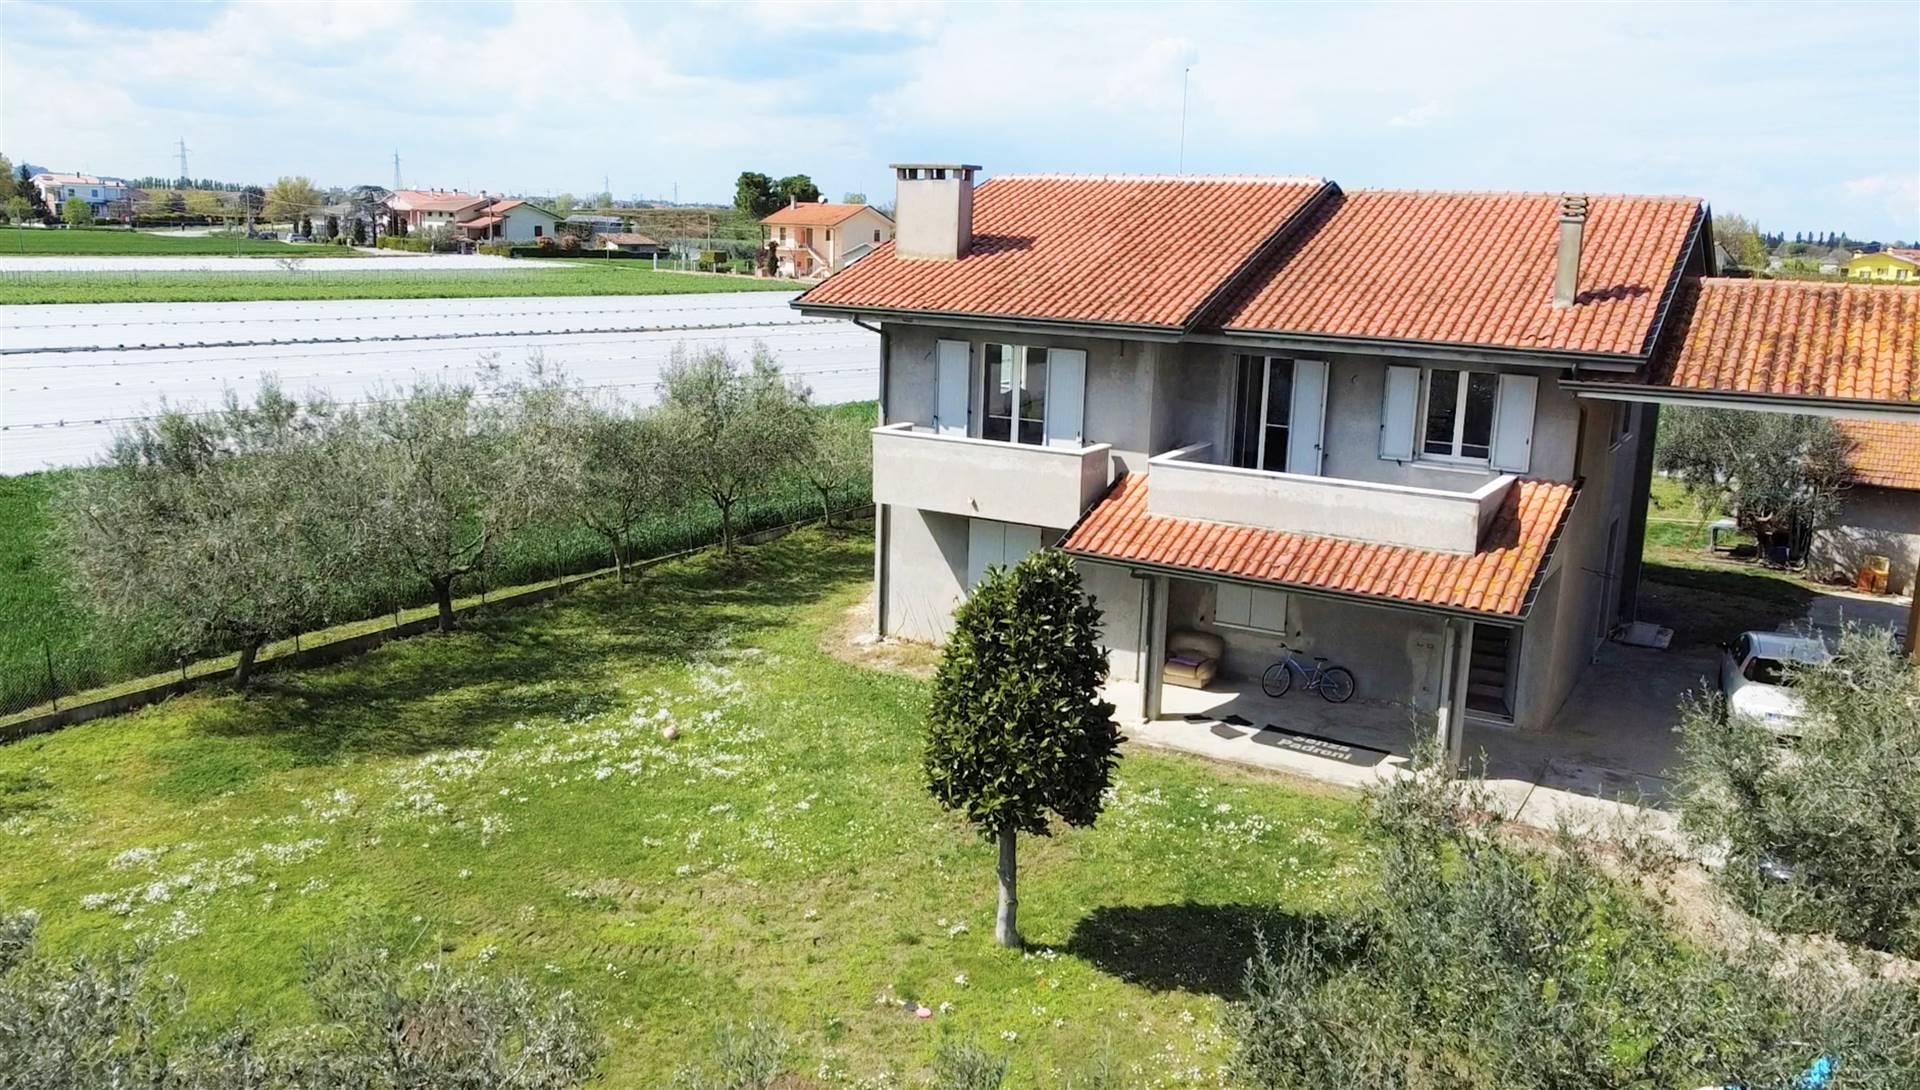 Soluzione Indipendente in vendita a Gatteo, 5 locali, prezzo € 365.000 | CambioCasa.it